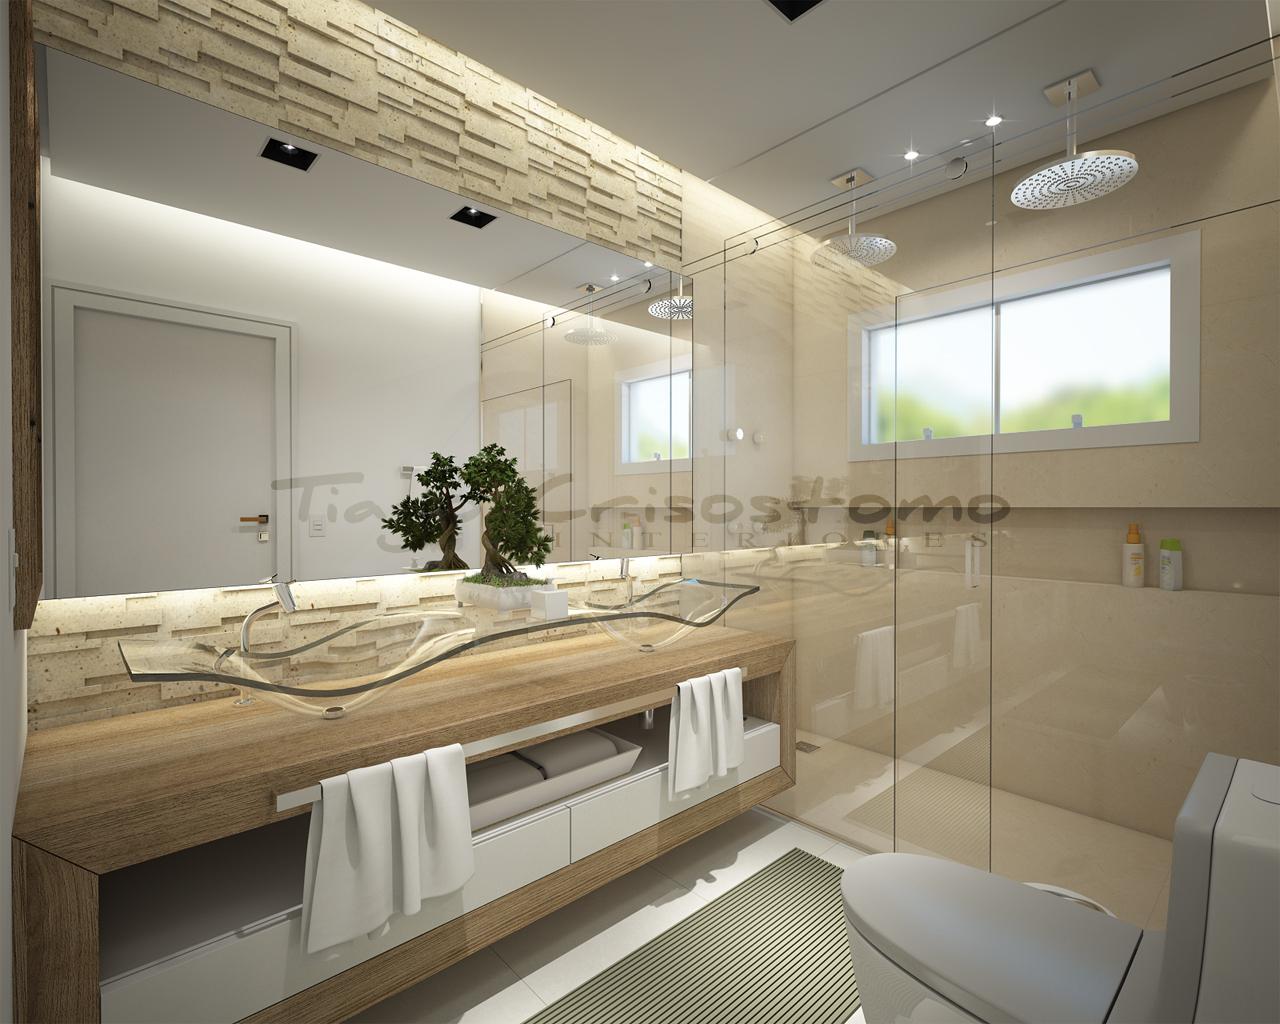 Banheiro Casal #5C4E3A 1280x1024 Banheiro Com Banheira Casal